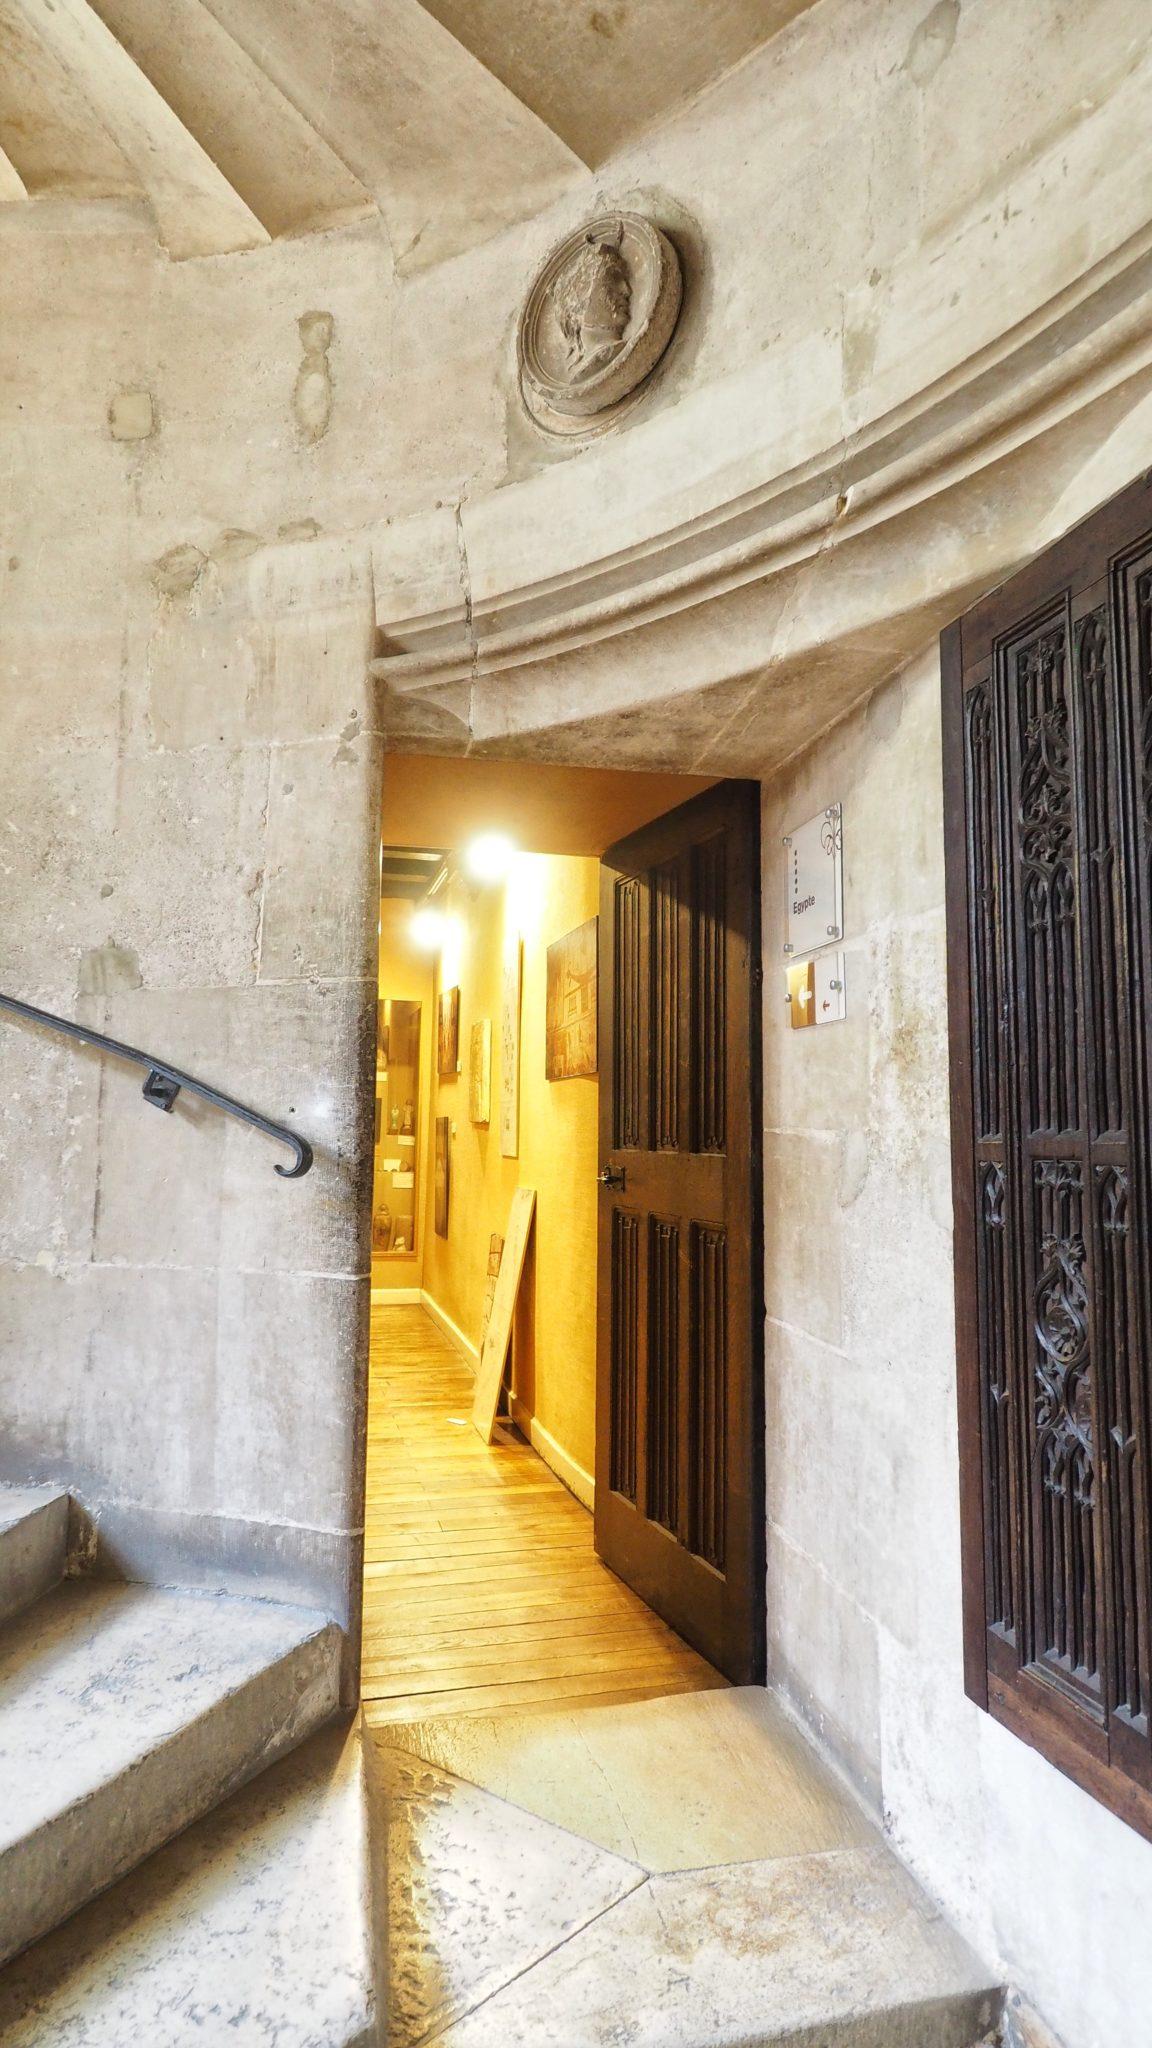 Porte du Musée du Berry